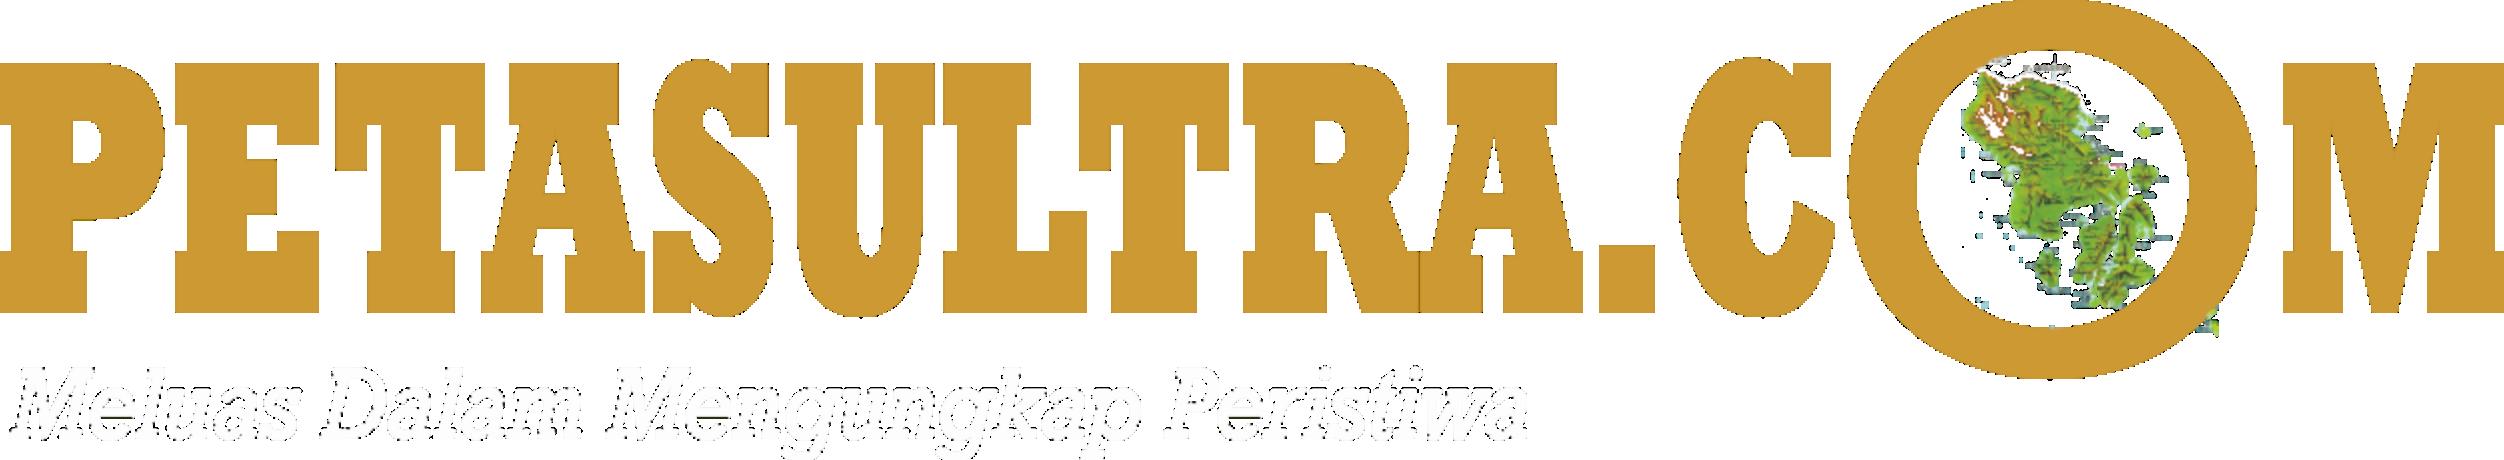 Petasultra.com